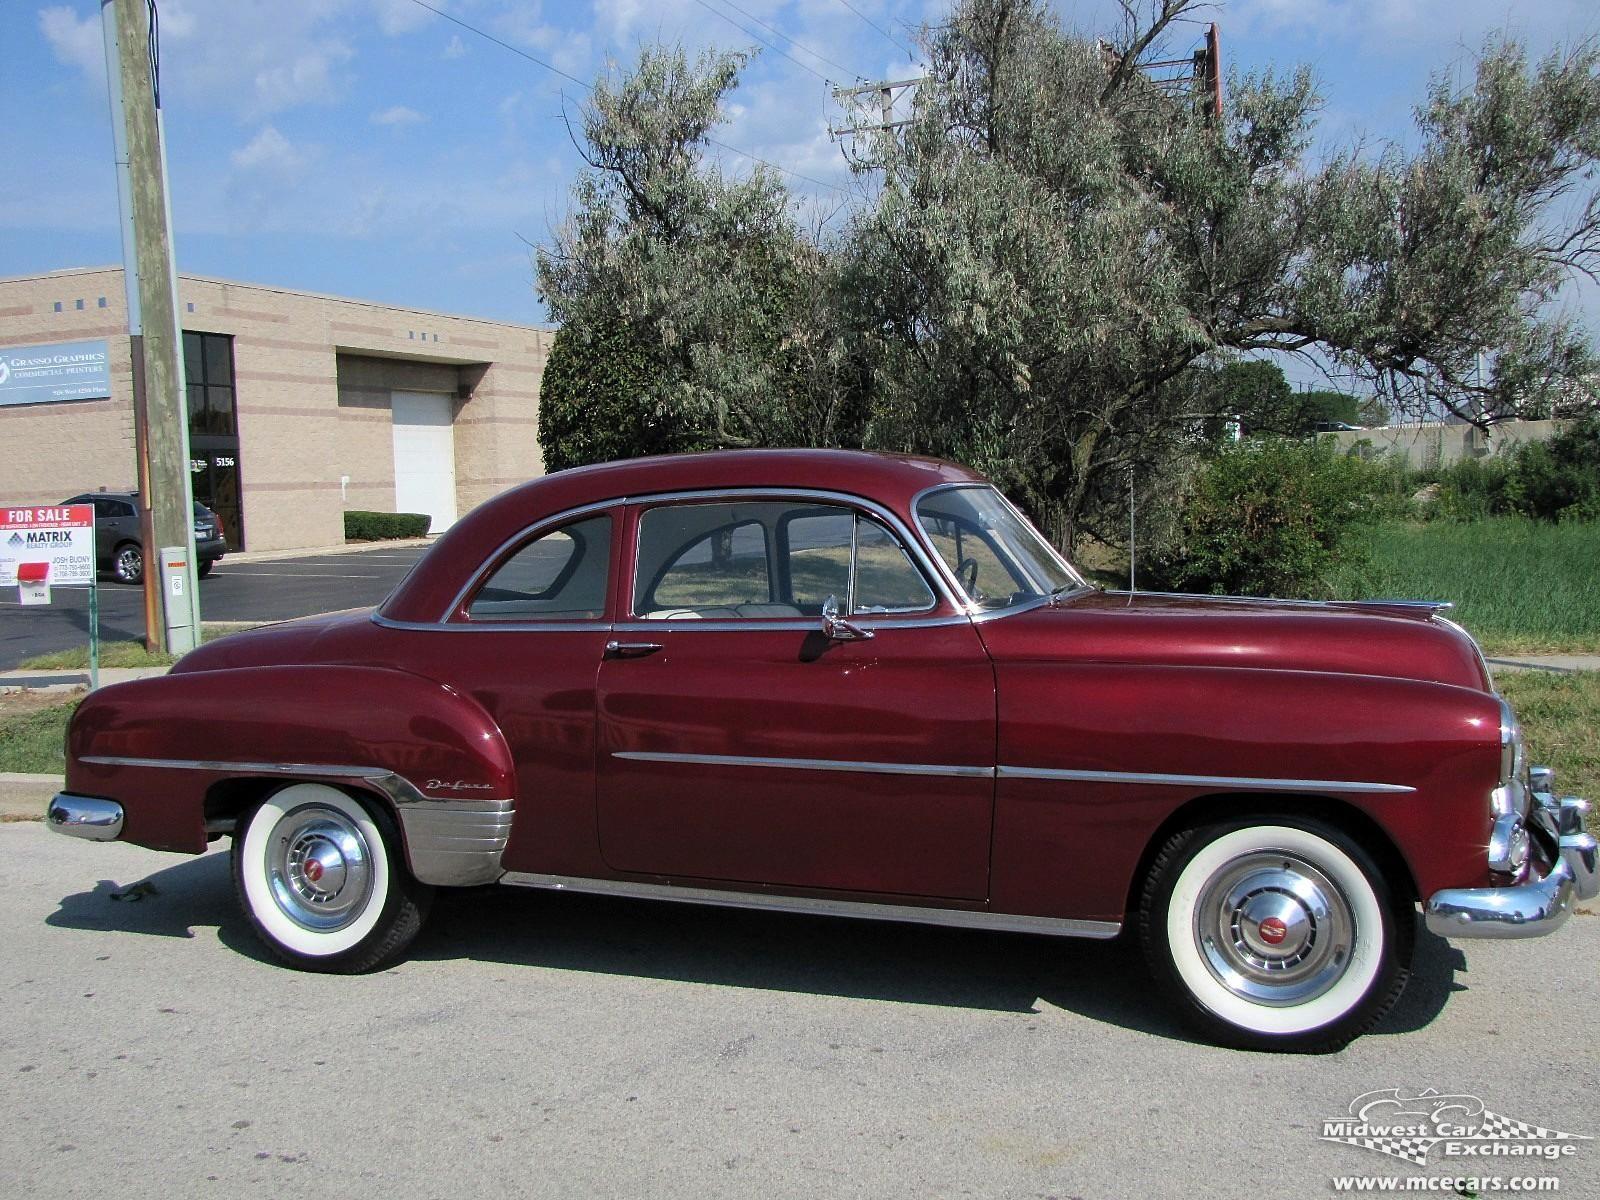 1951 Chevrolet Styleline Deluxe 2 Door Sport Coupe 1950s Cars Hardtop